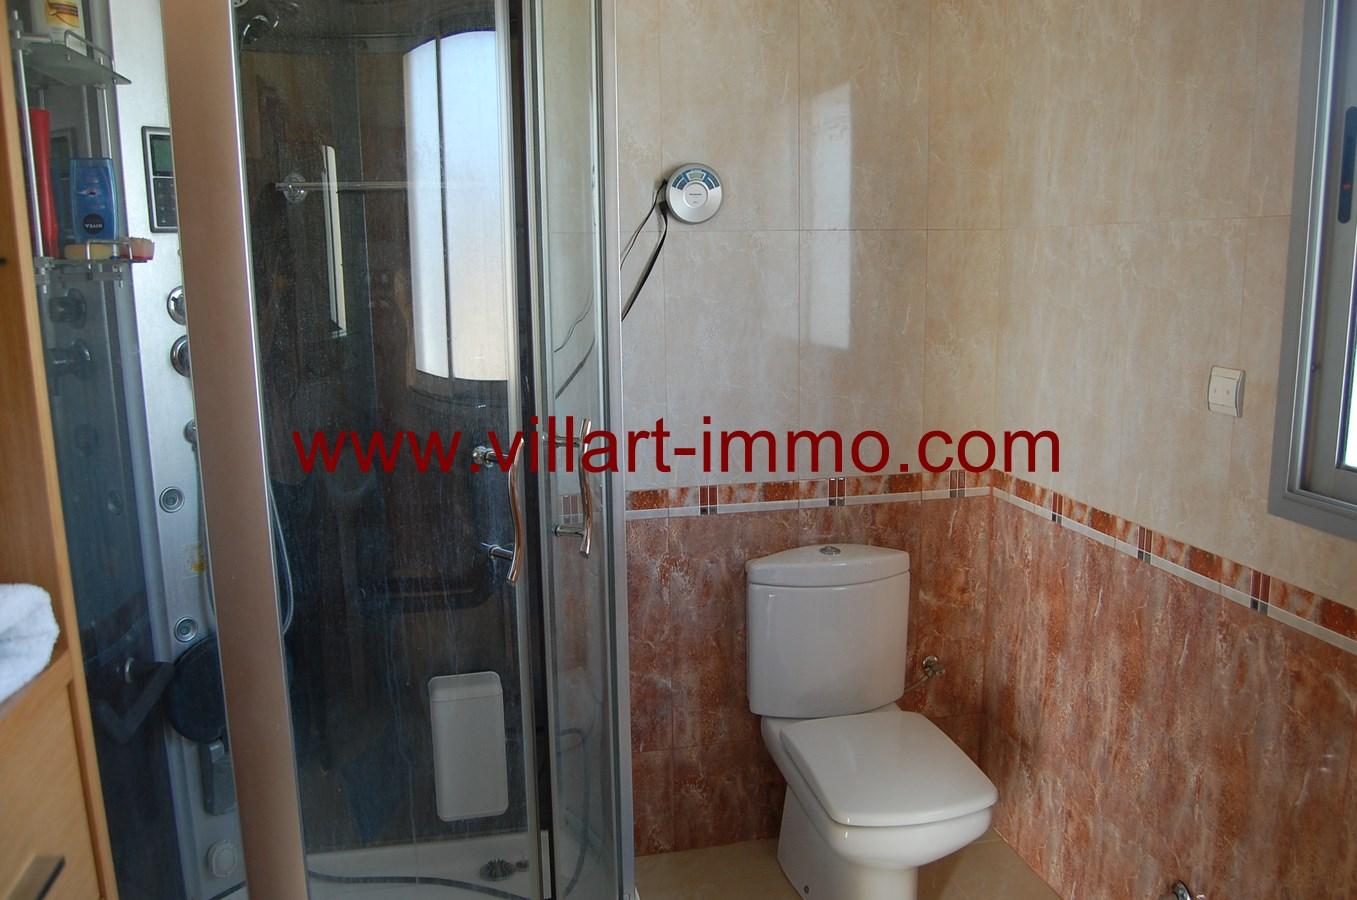 6-vente-maison-tanger-jbilat-salle-de-bain-1-vm408-villart-immo